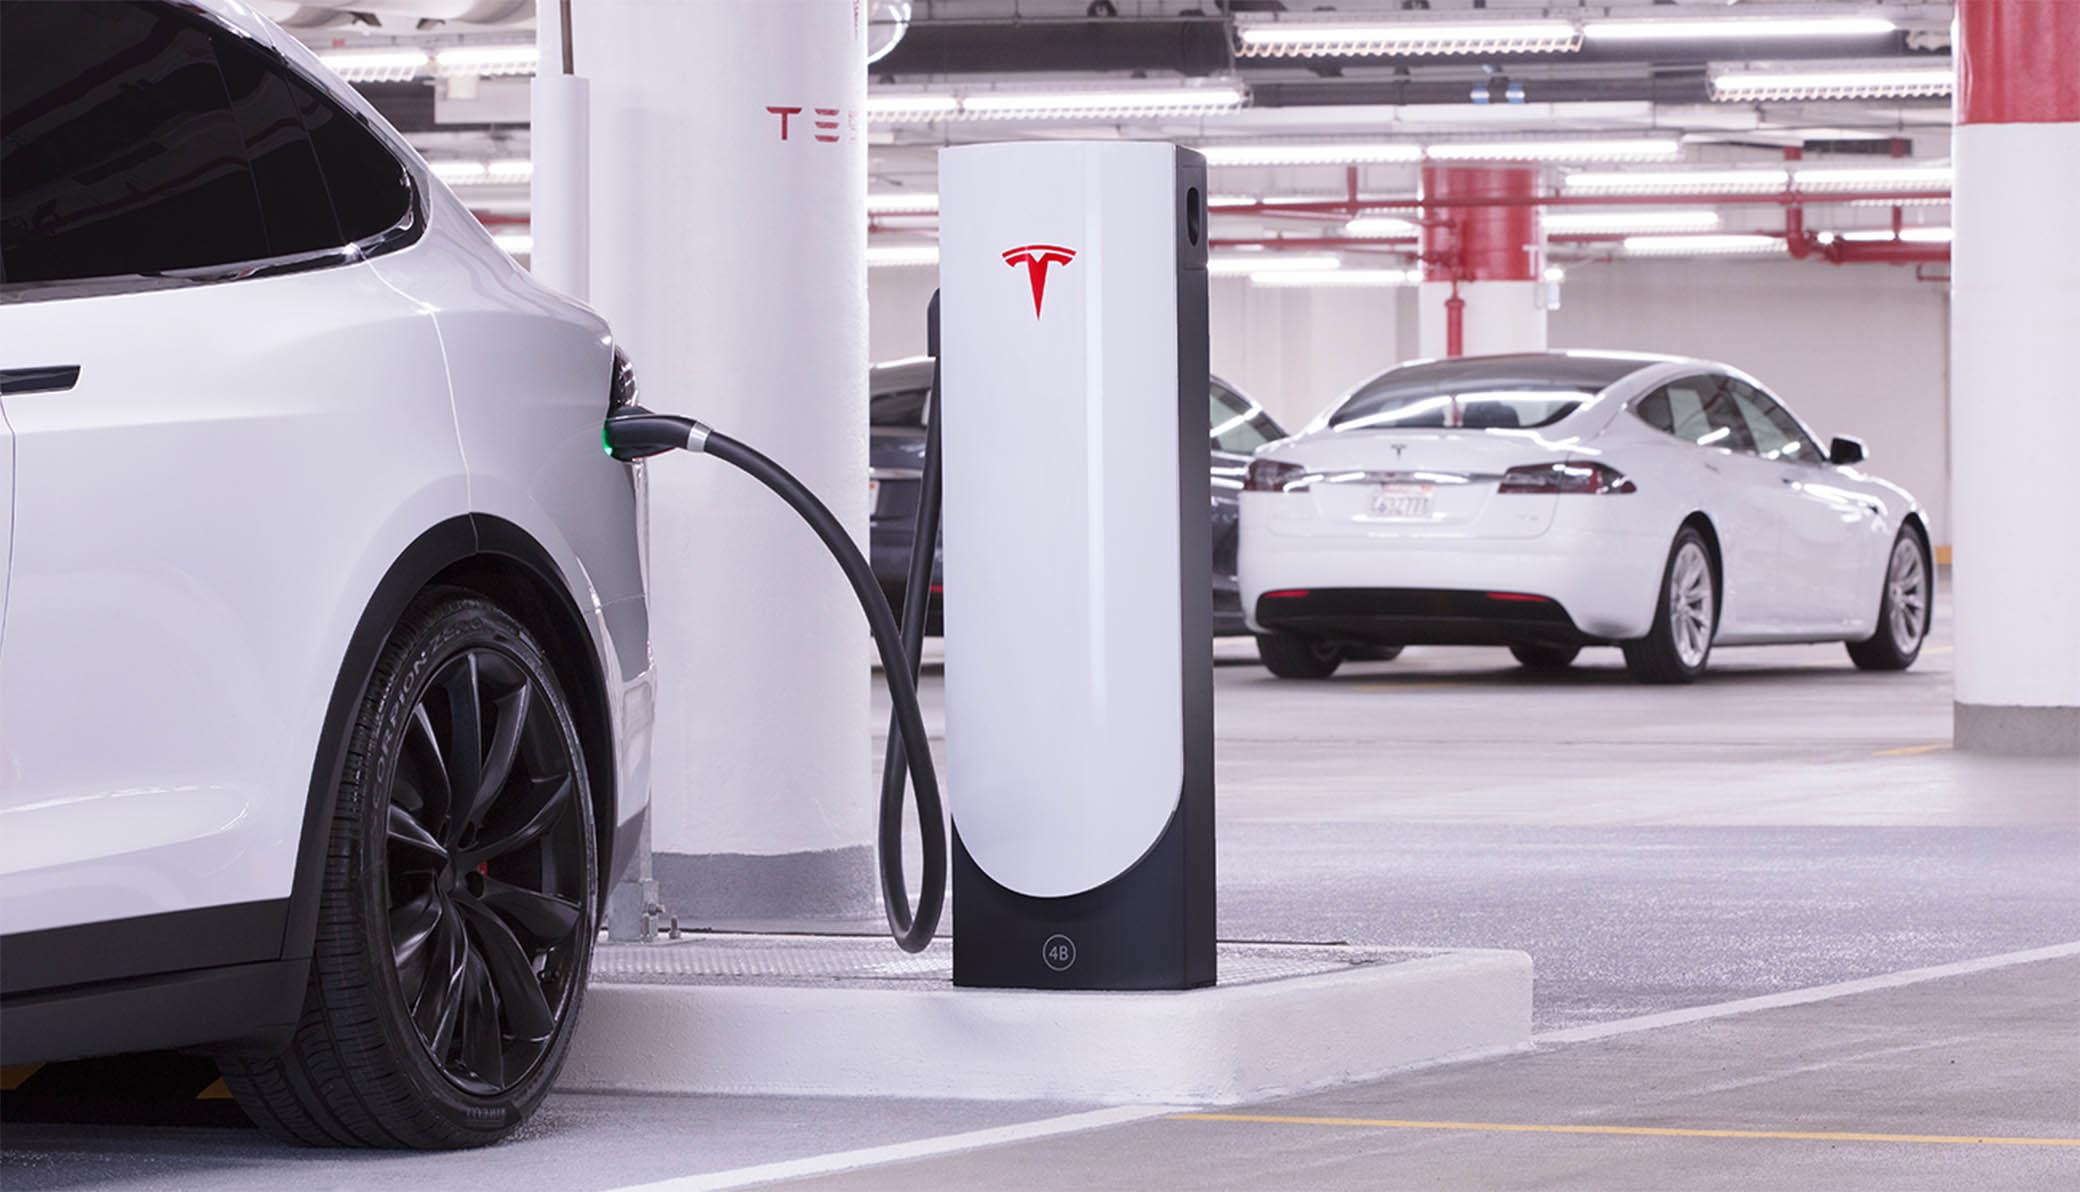 Teslasupercharger conectores carro elétrico